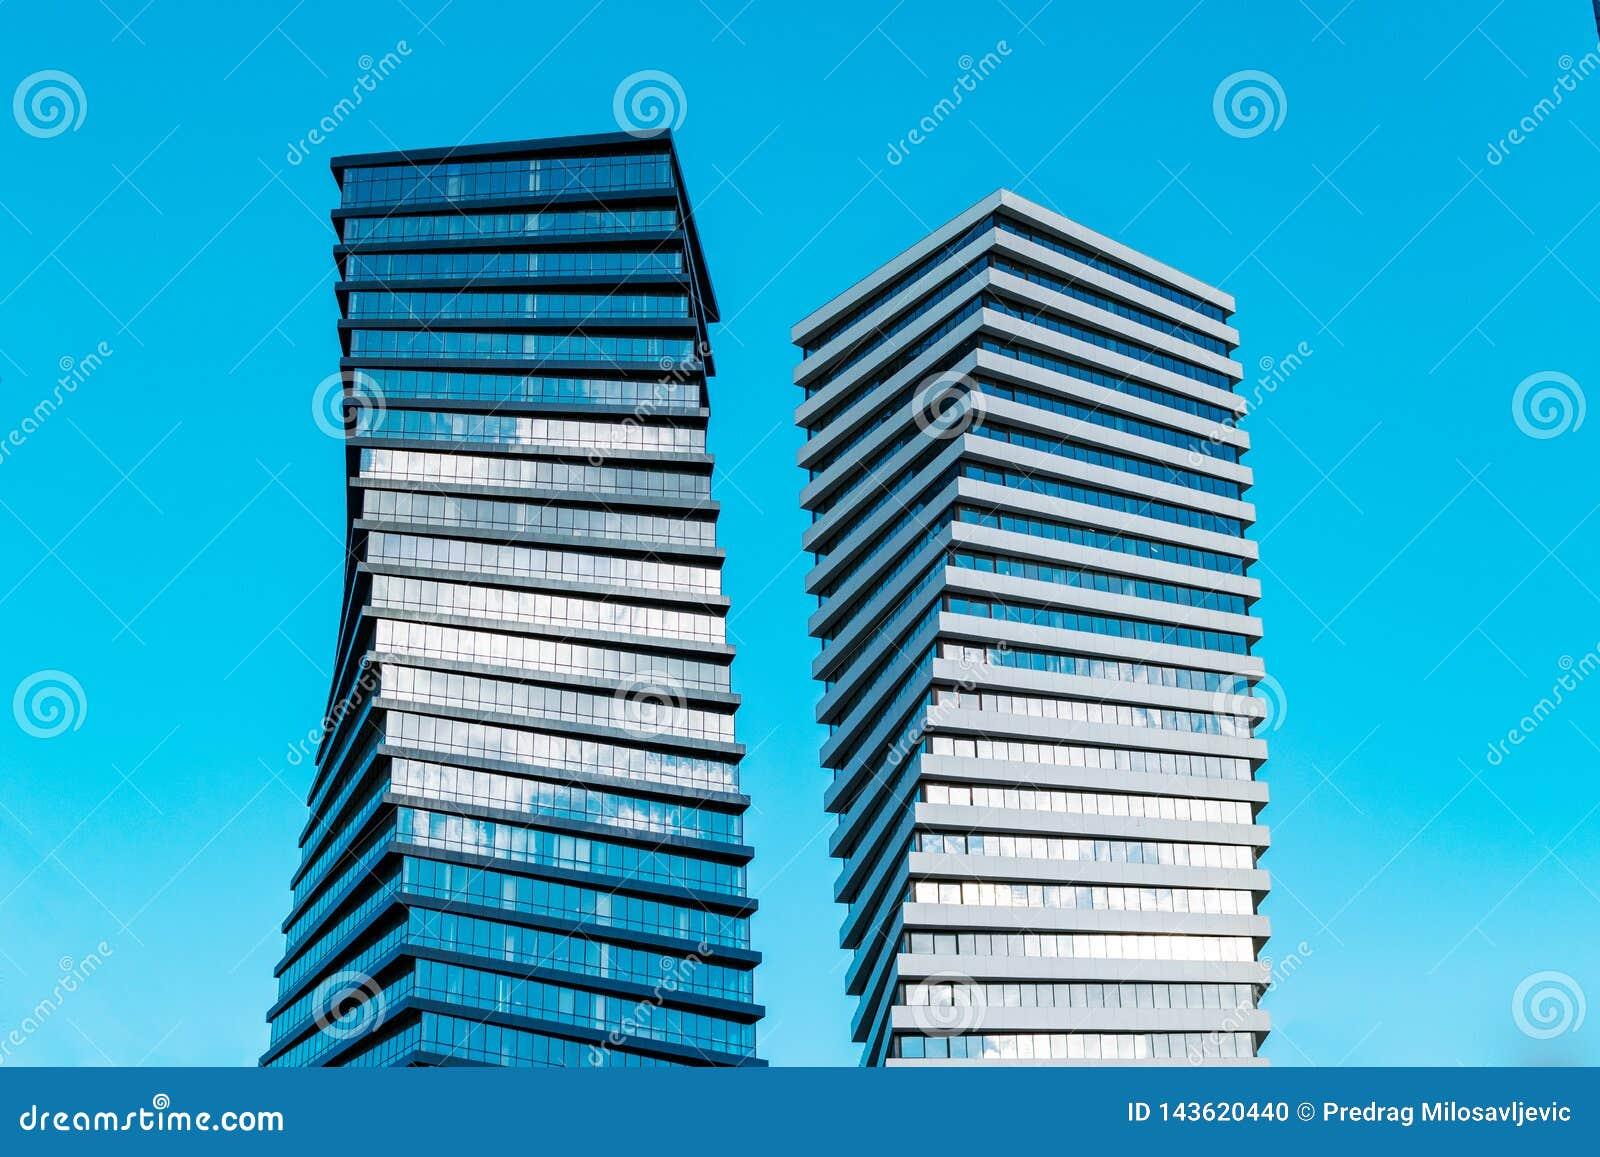 Dos rascacielos altos modernos del negocio con la porción de ventanas de cristal contra el cielo azul - imagen